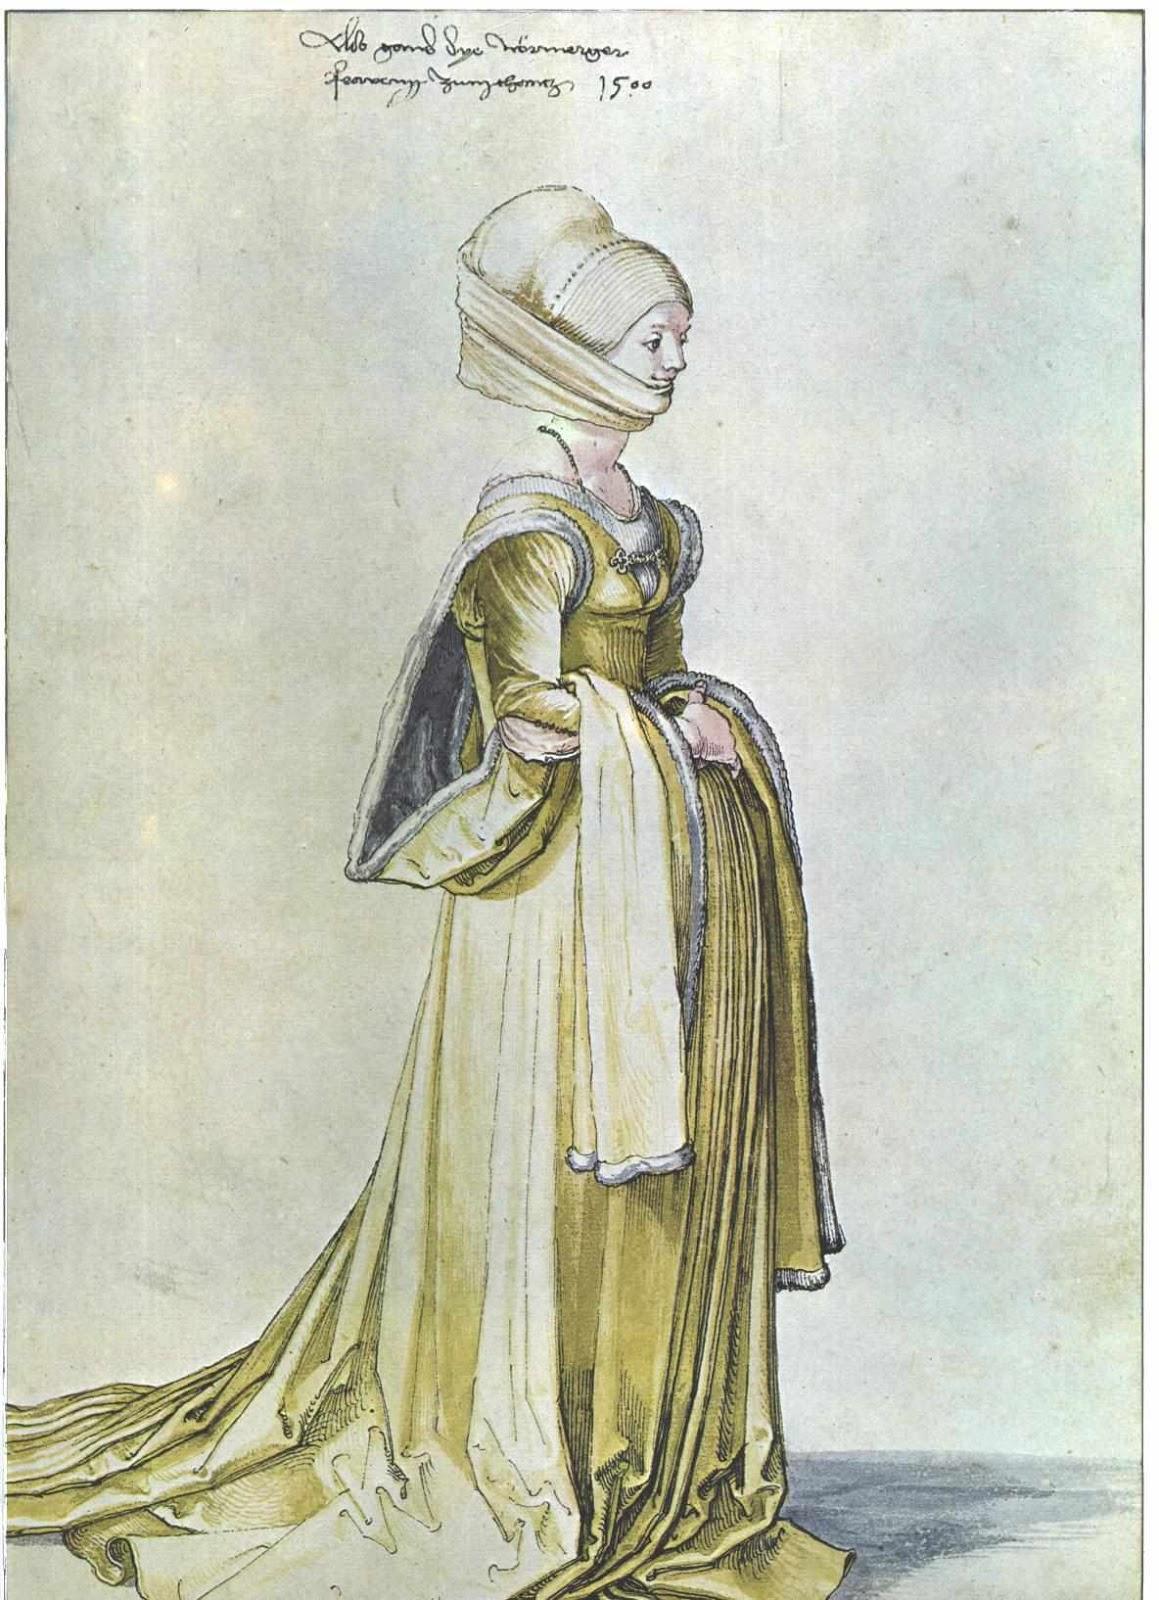 durer_1500_woman_fron_nurnberg_with_dancing_dress.jpg